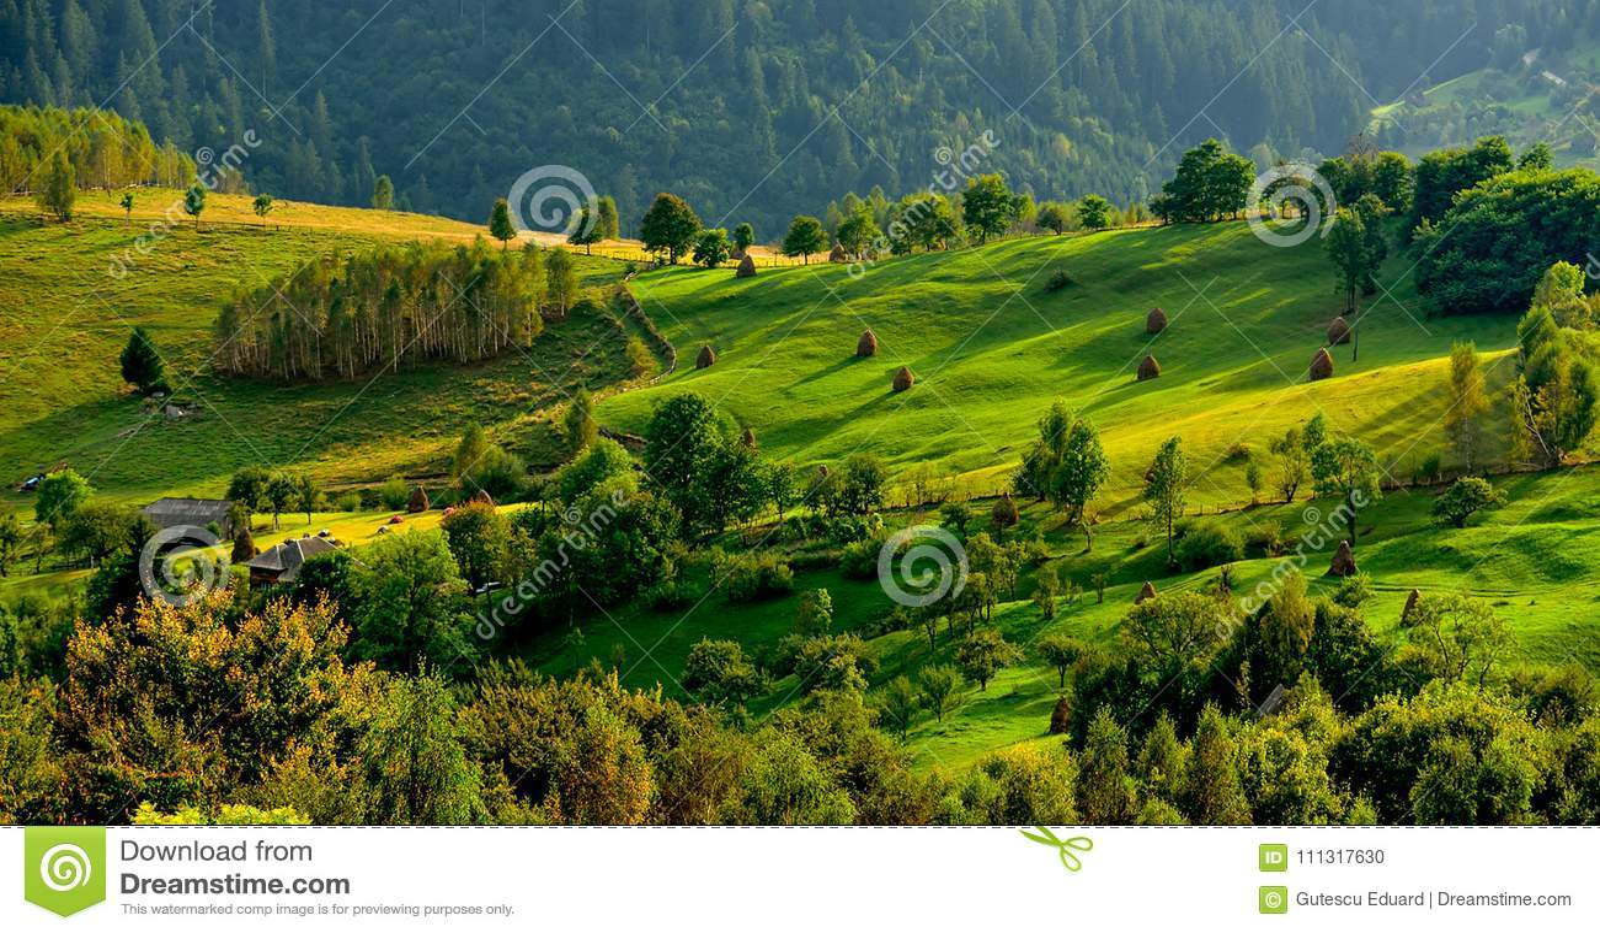 Romênia, montanha de Apuseni na primavera, casas tradicionais